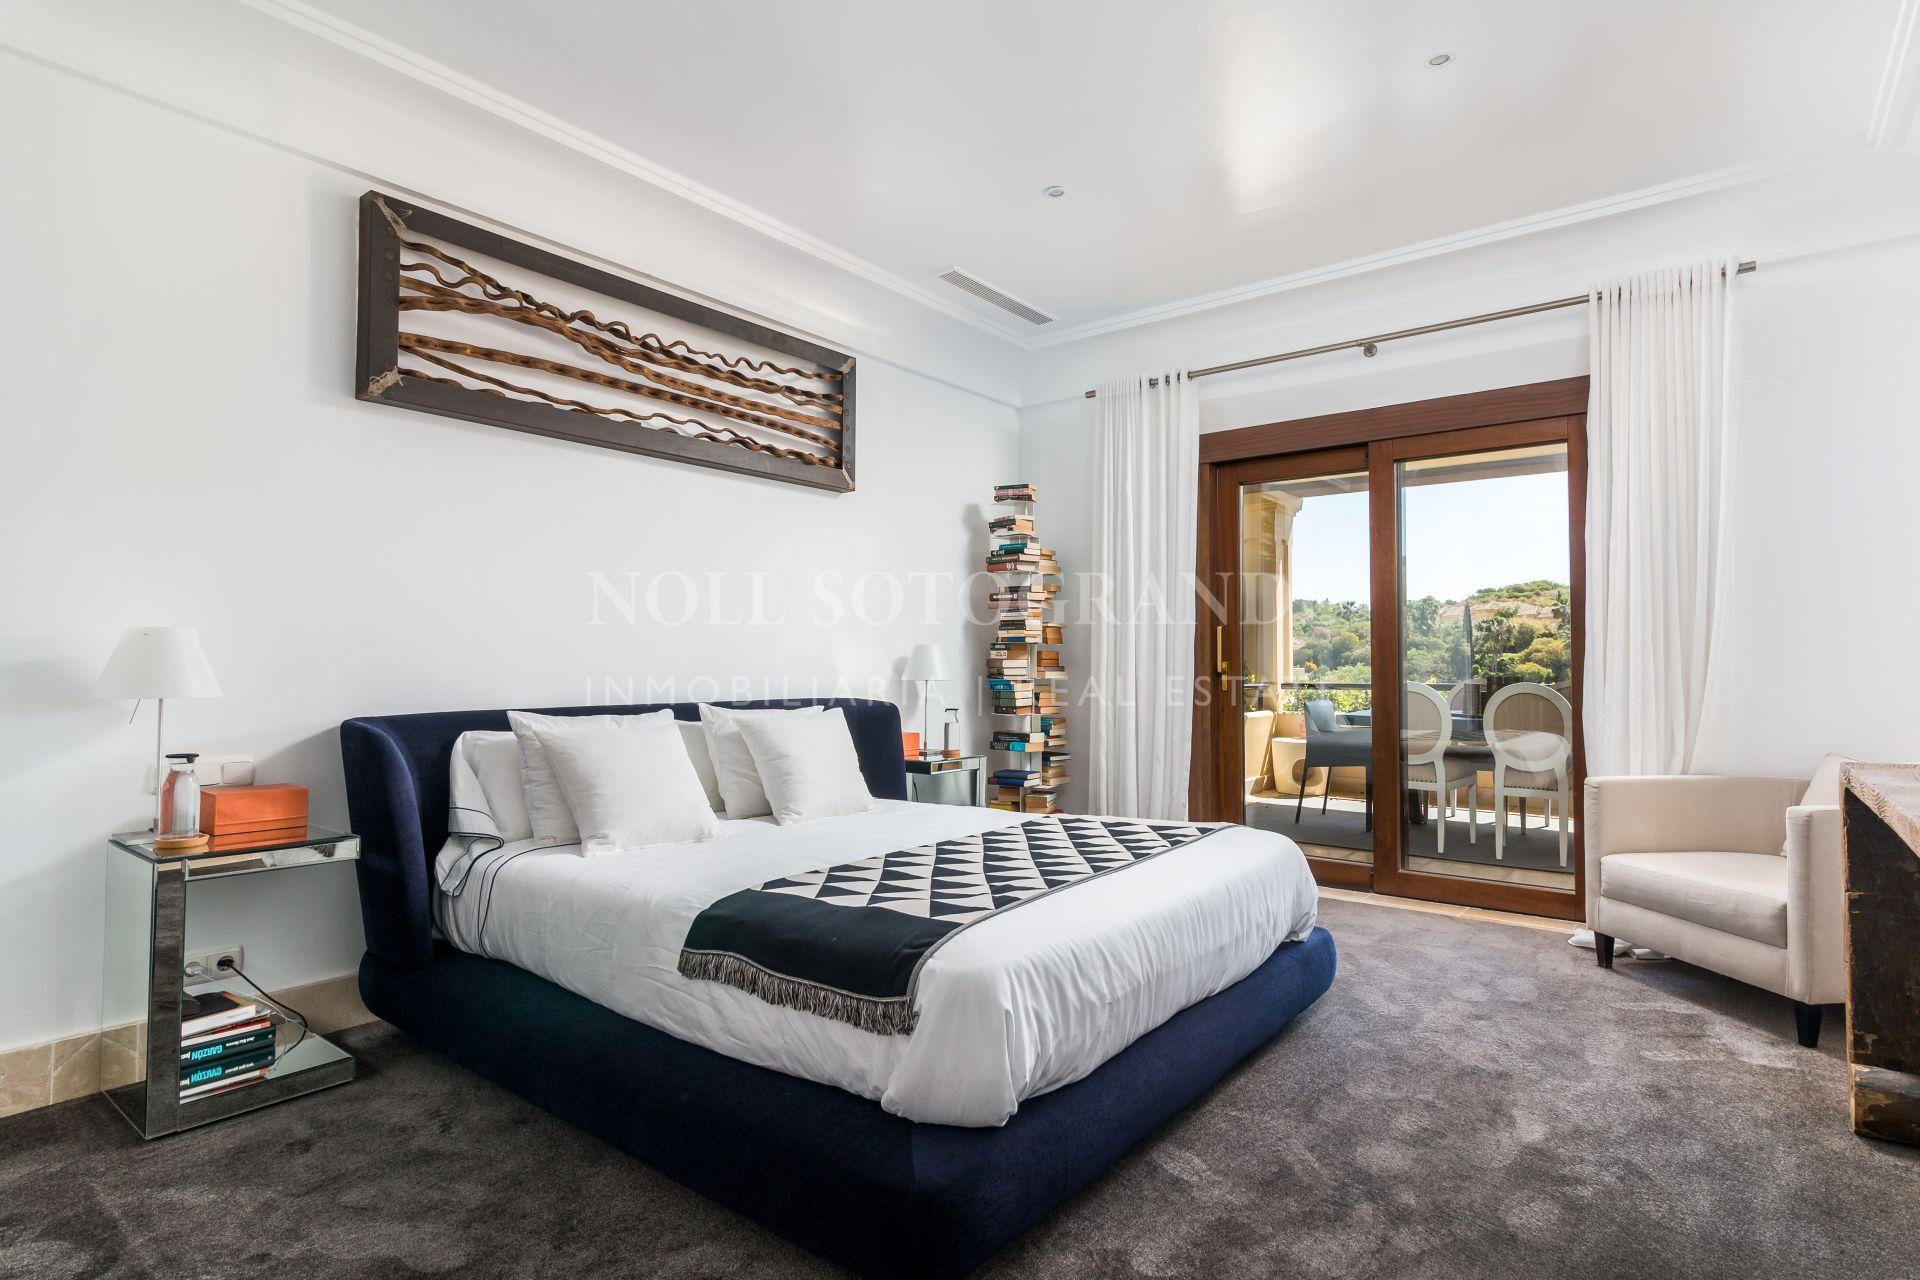 Modern 1st fl.apartment Valgrande Sotogrande for sale